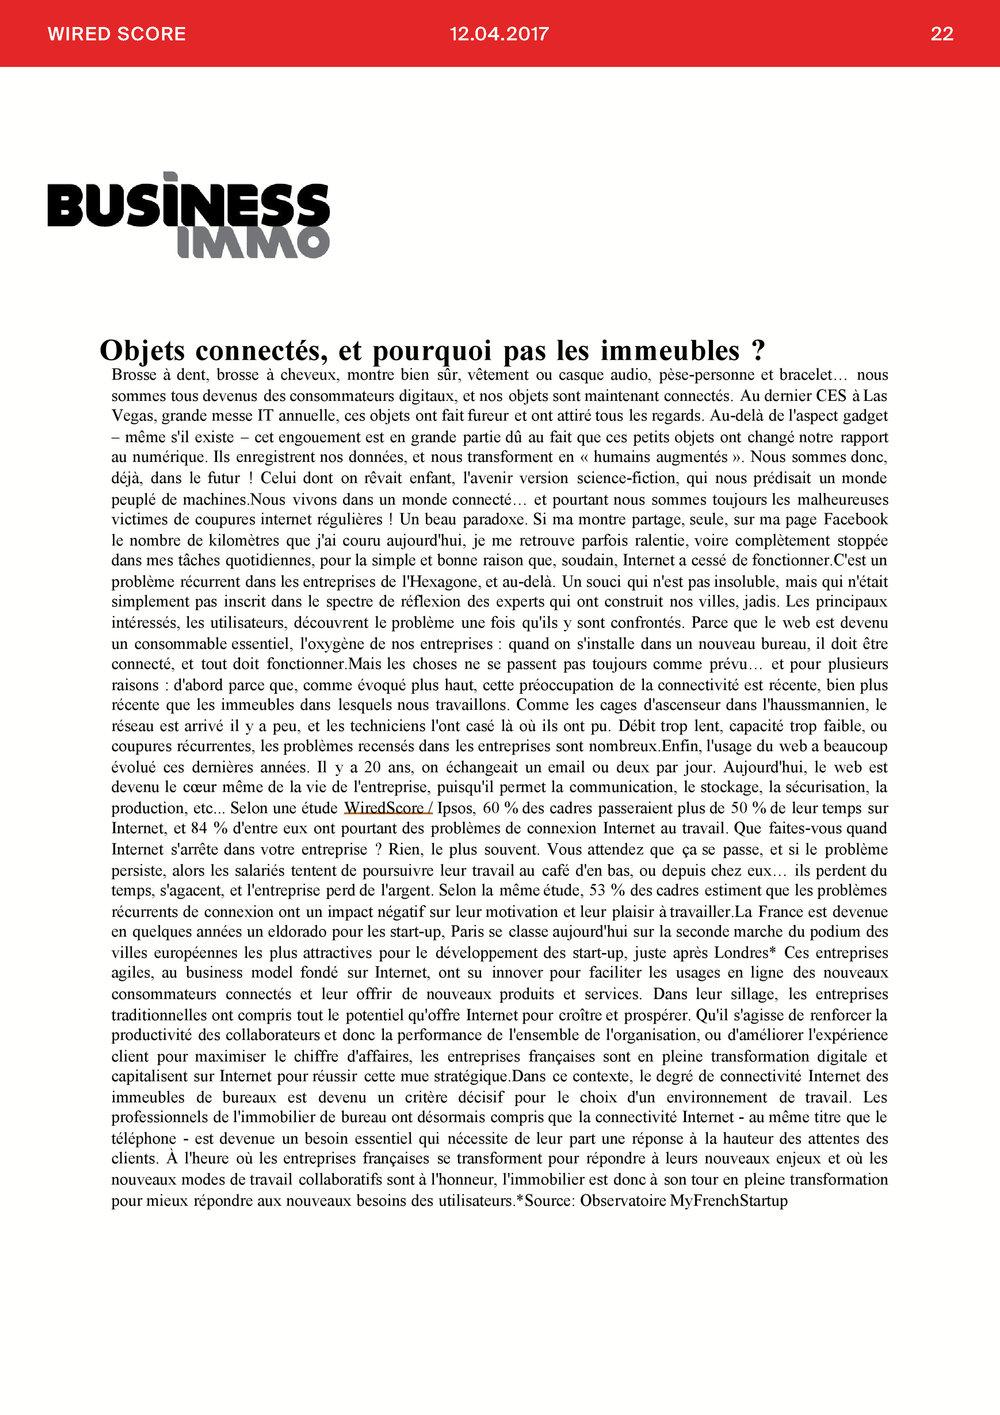 BOOKMEDIA_AVRIL_022.jpg